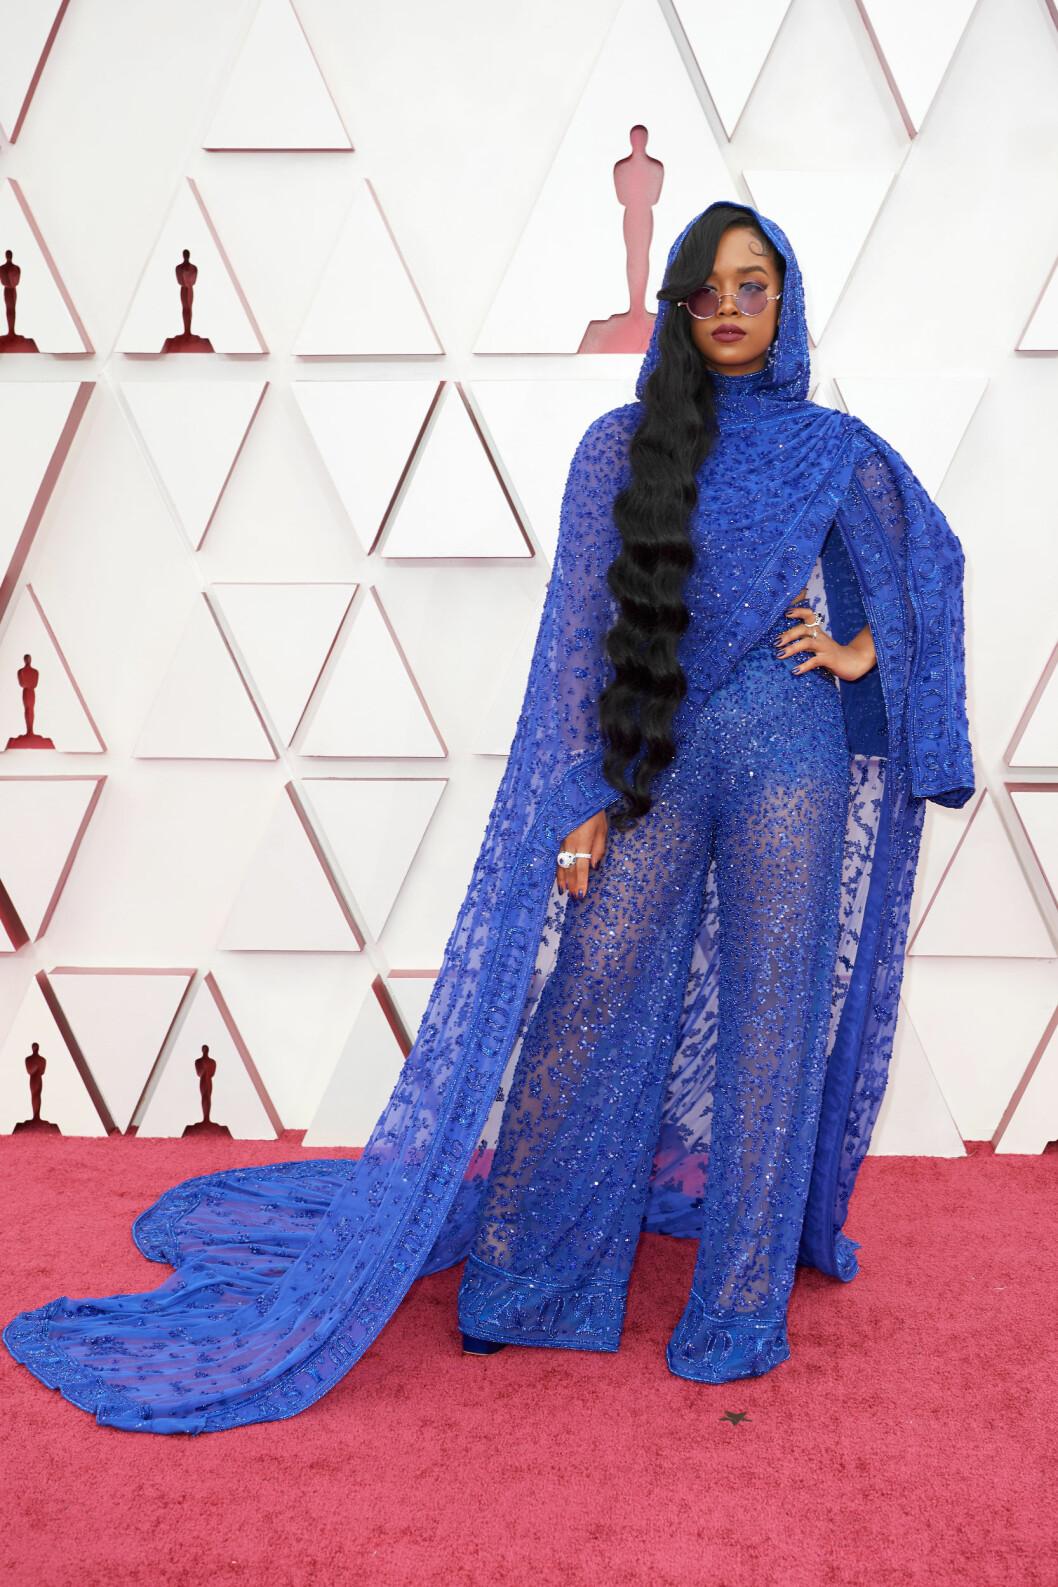 Sångerskan och låtskrivaren H.E.R. i långt hår och blå klänning